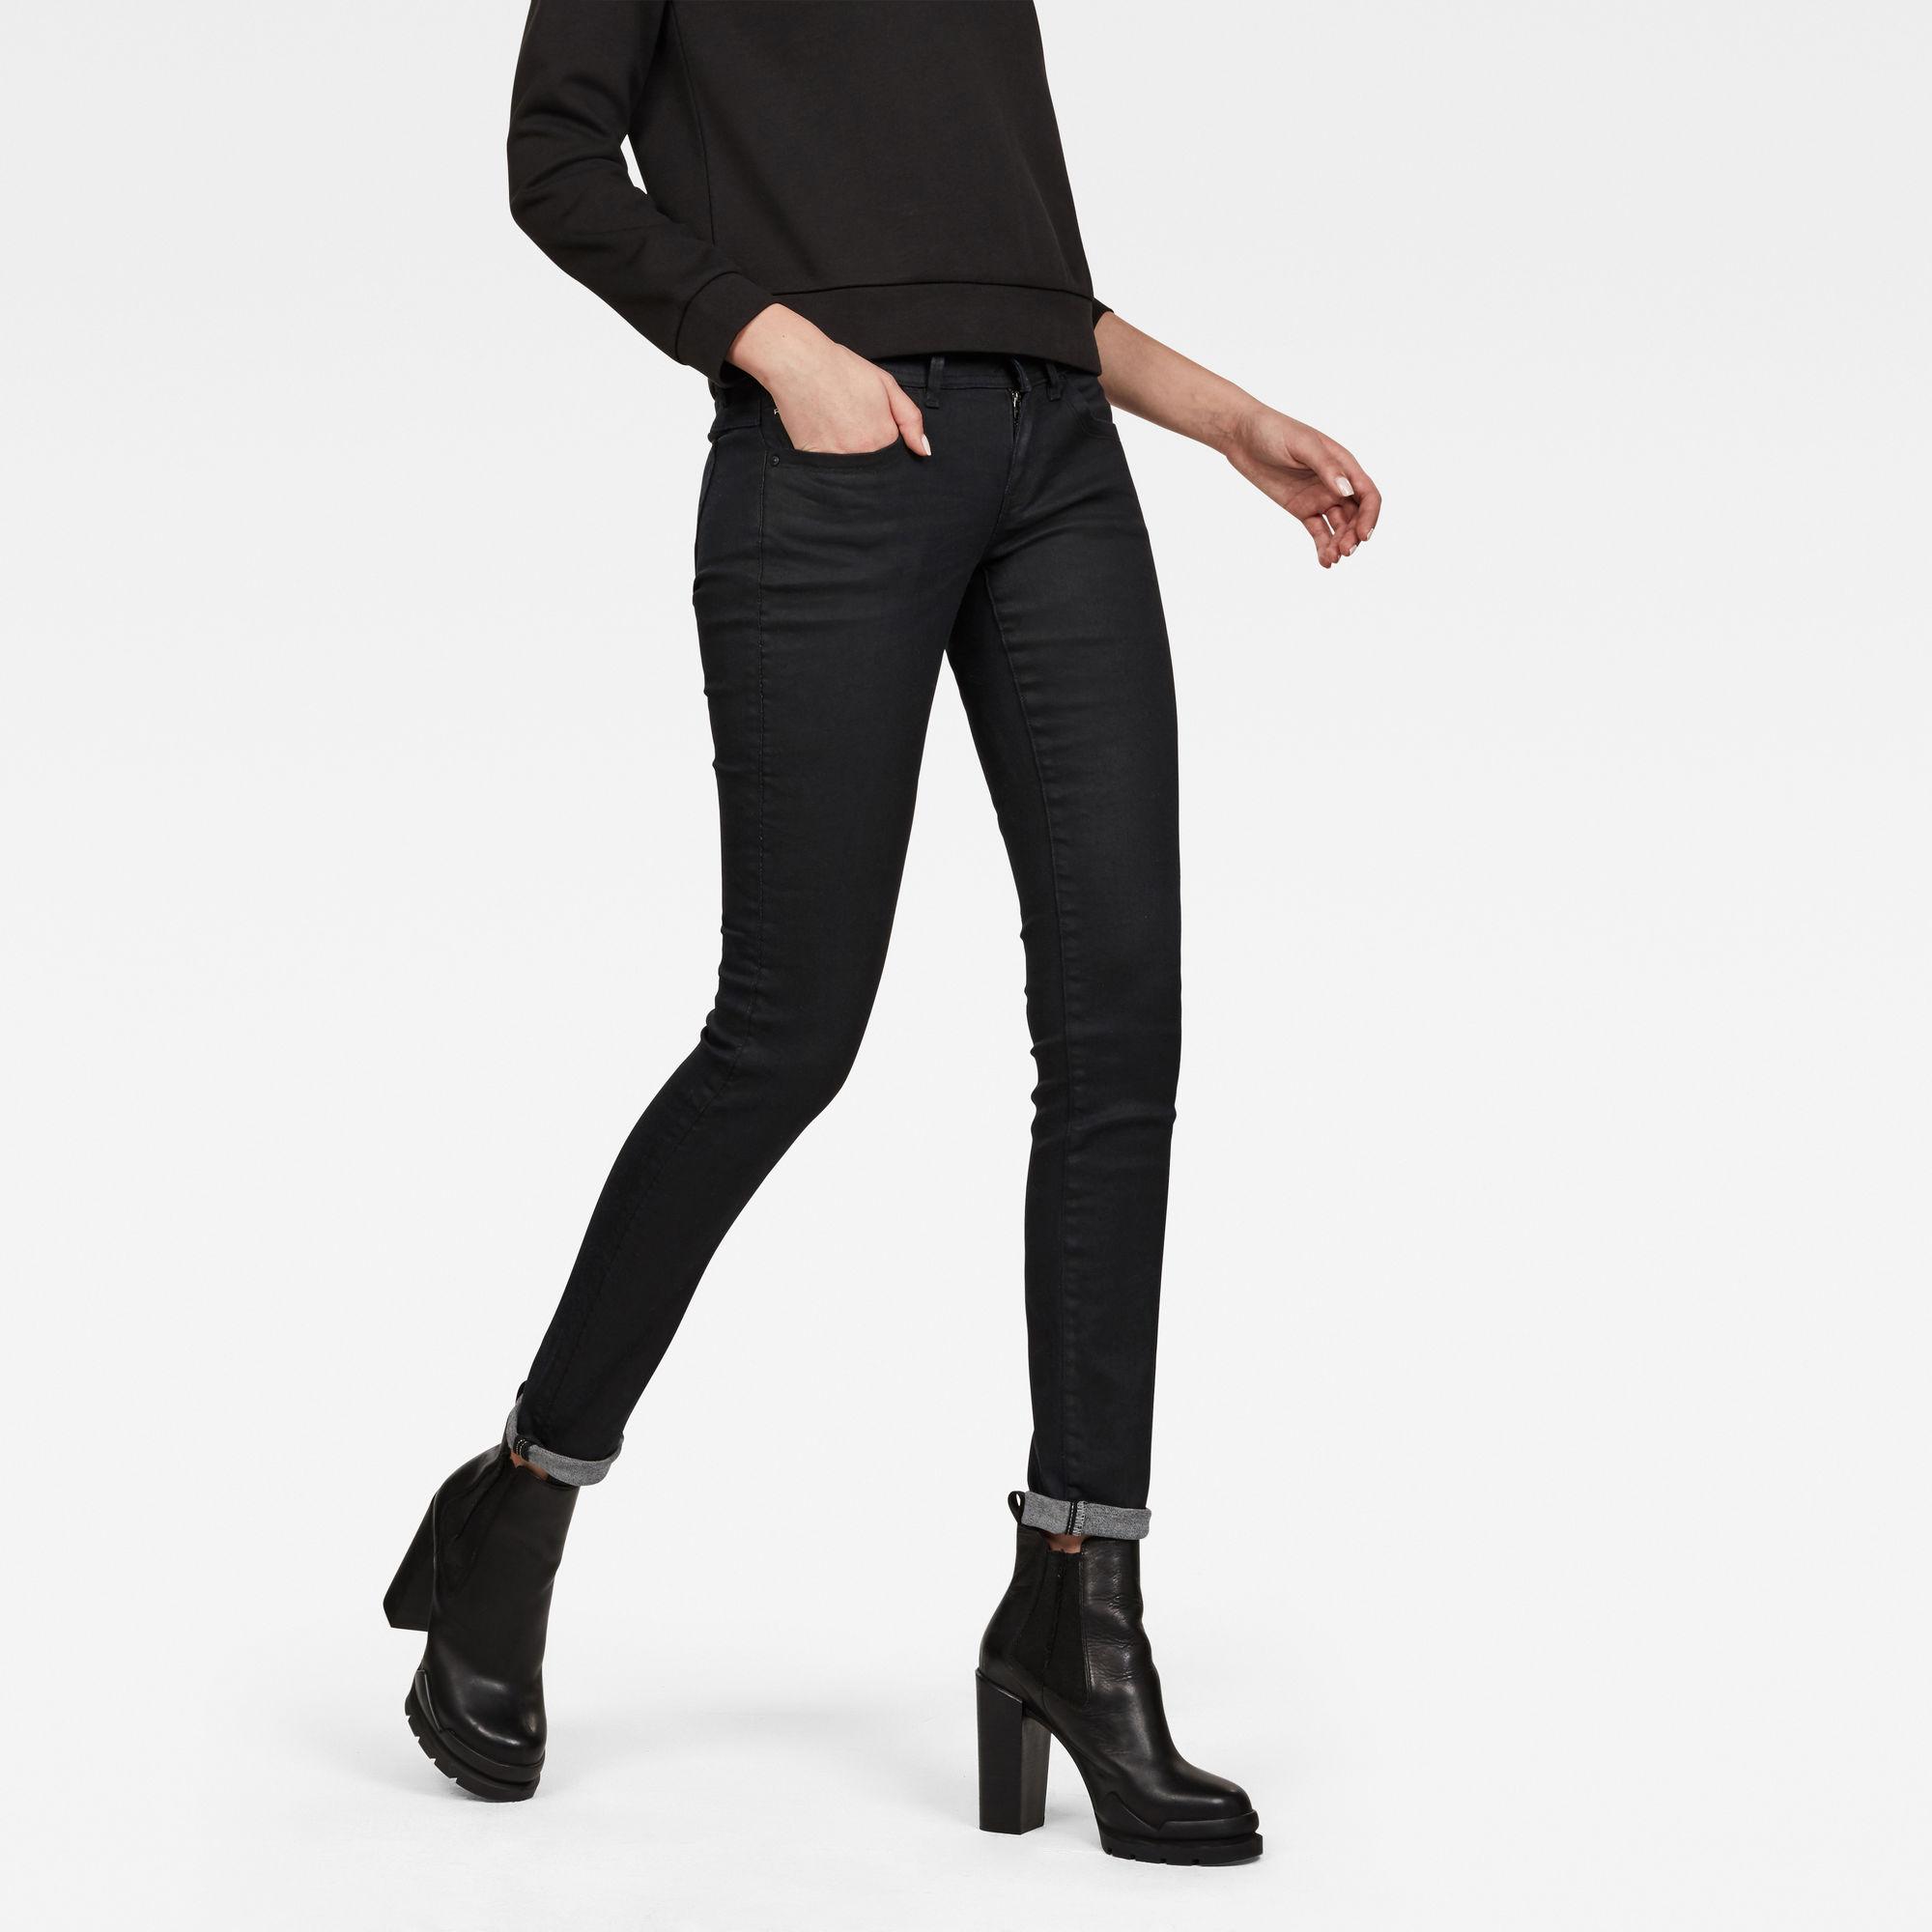 G-Star RAW Dames Lynn Mid Waist Skinny Jeans Zwart